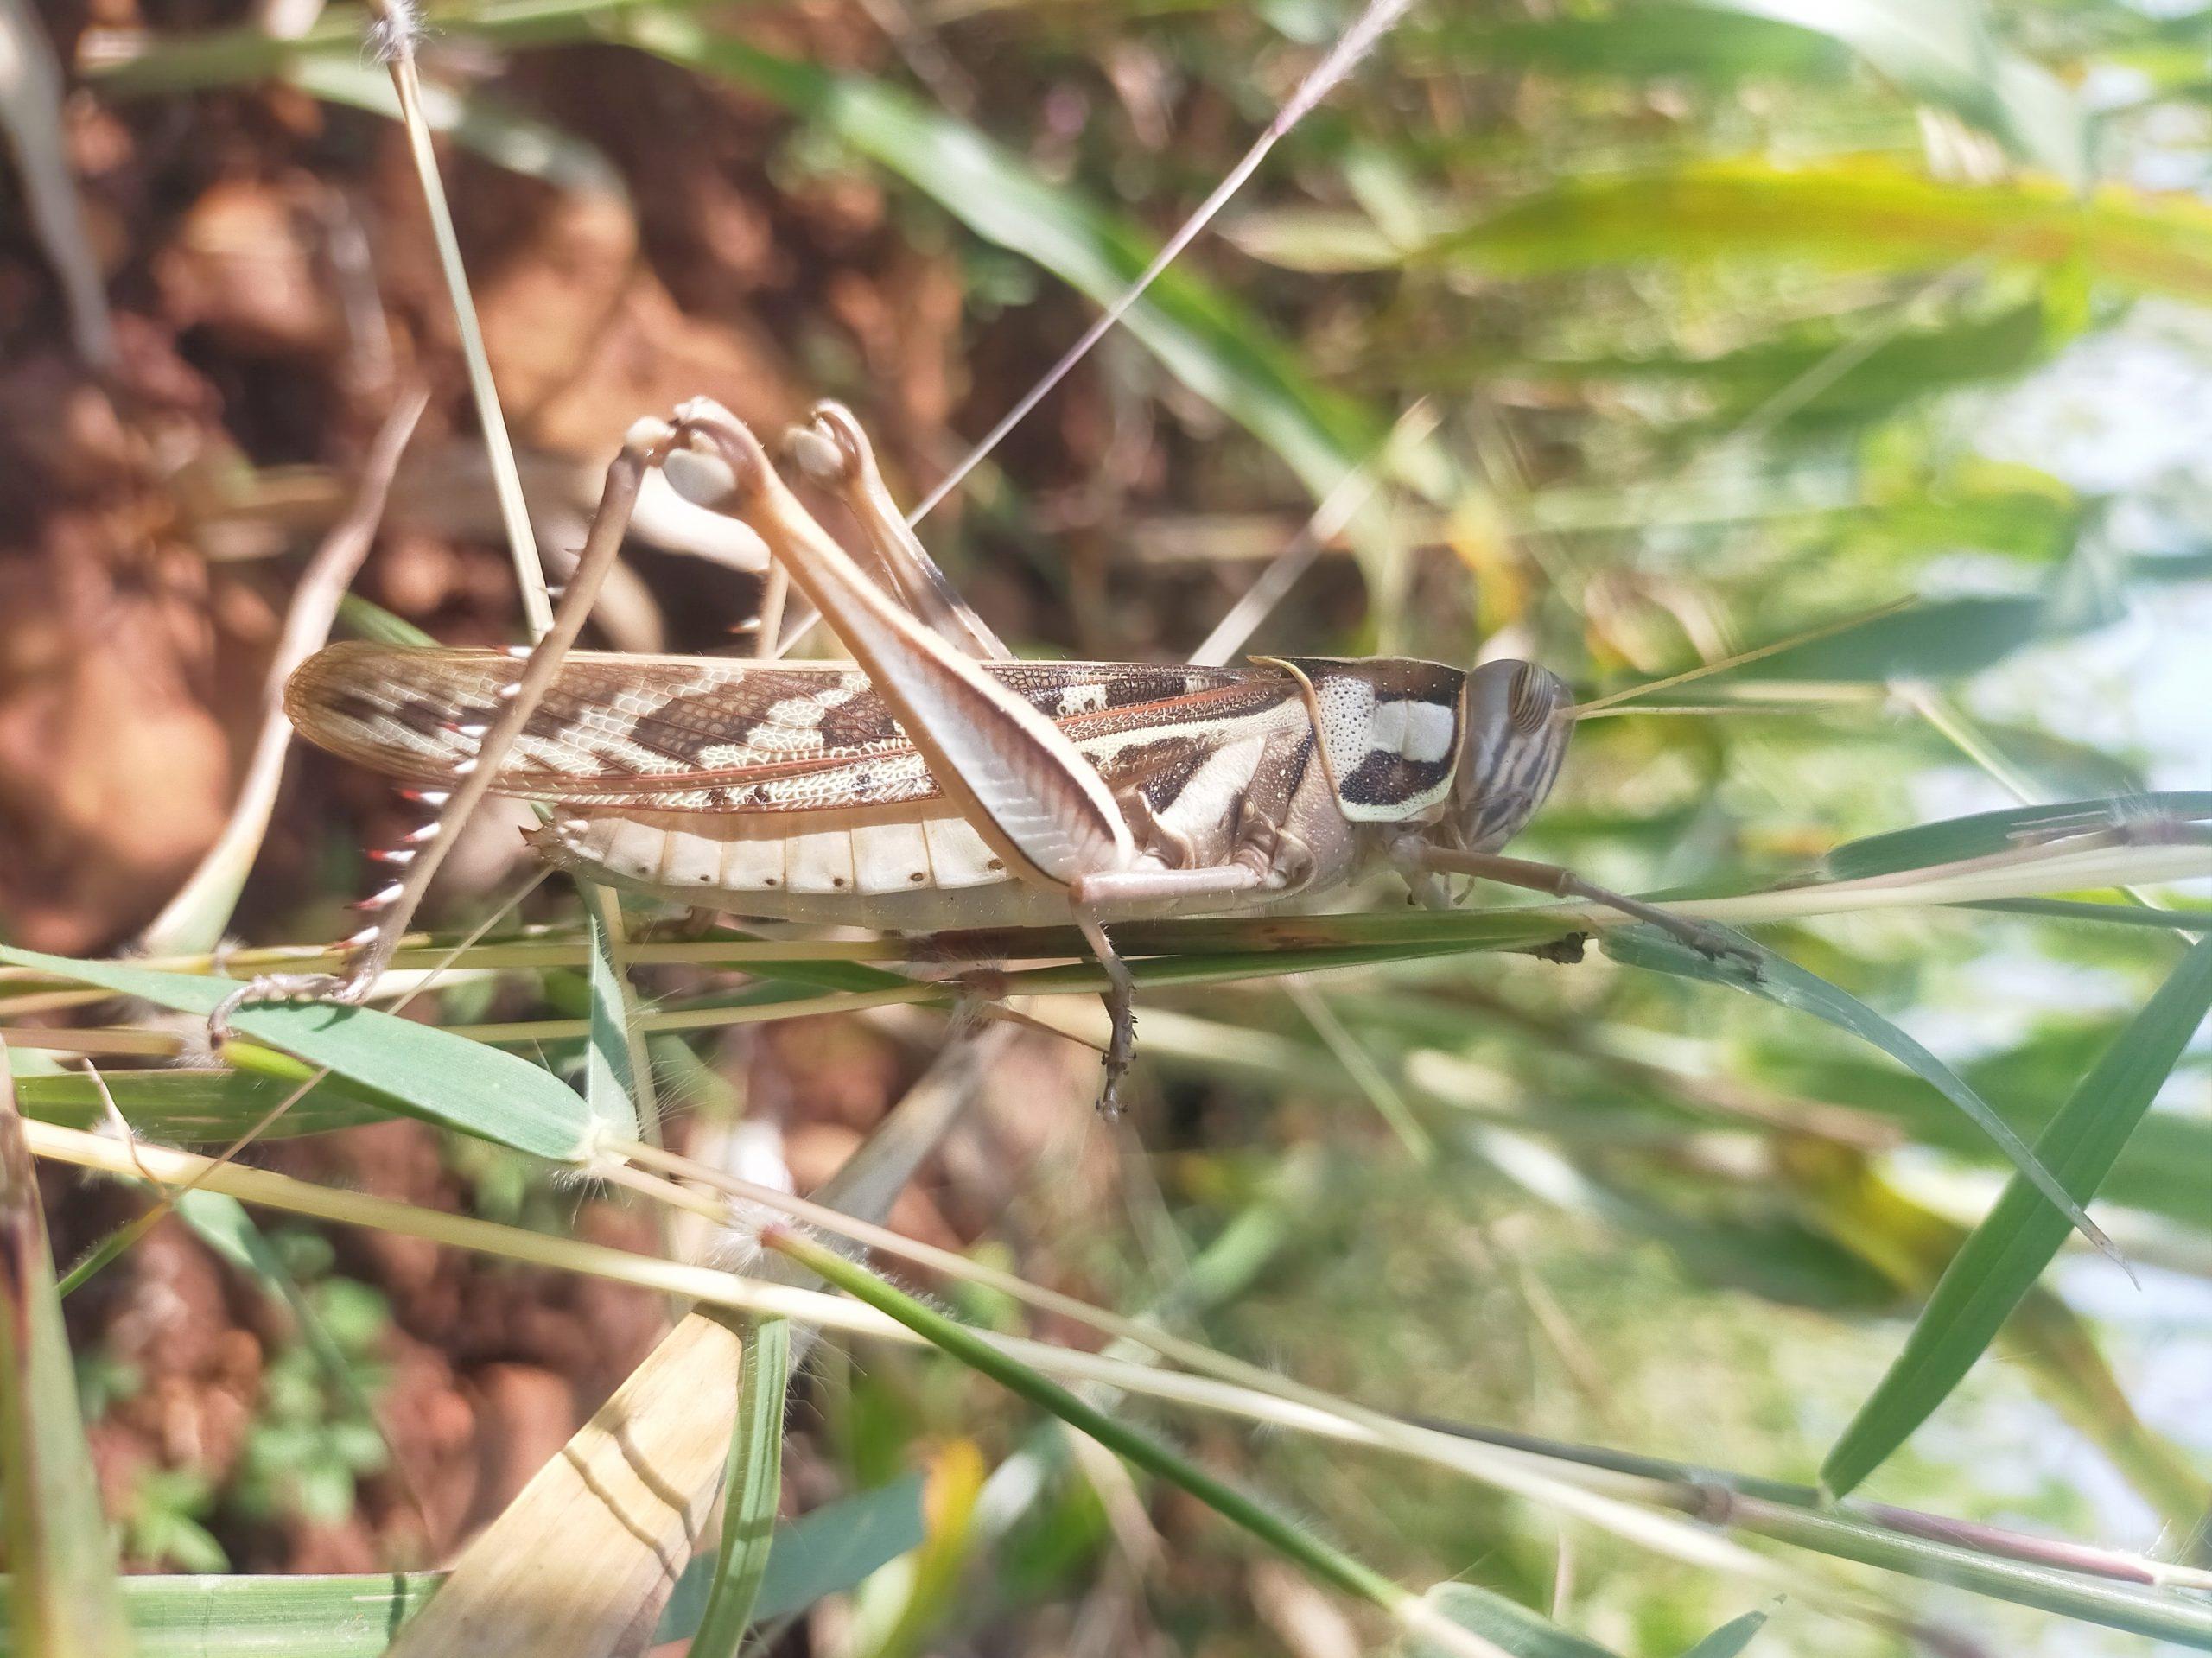 Grasshopper sitting on a thin leaf